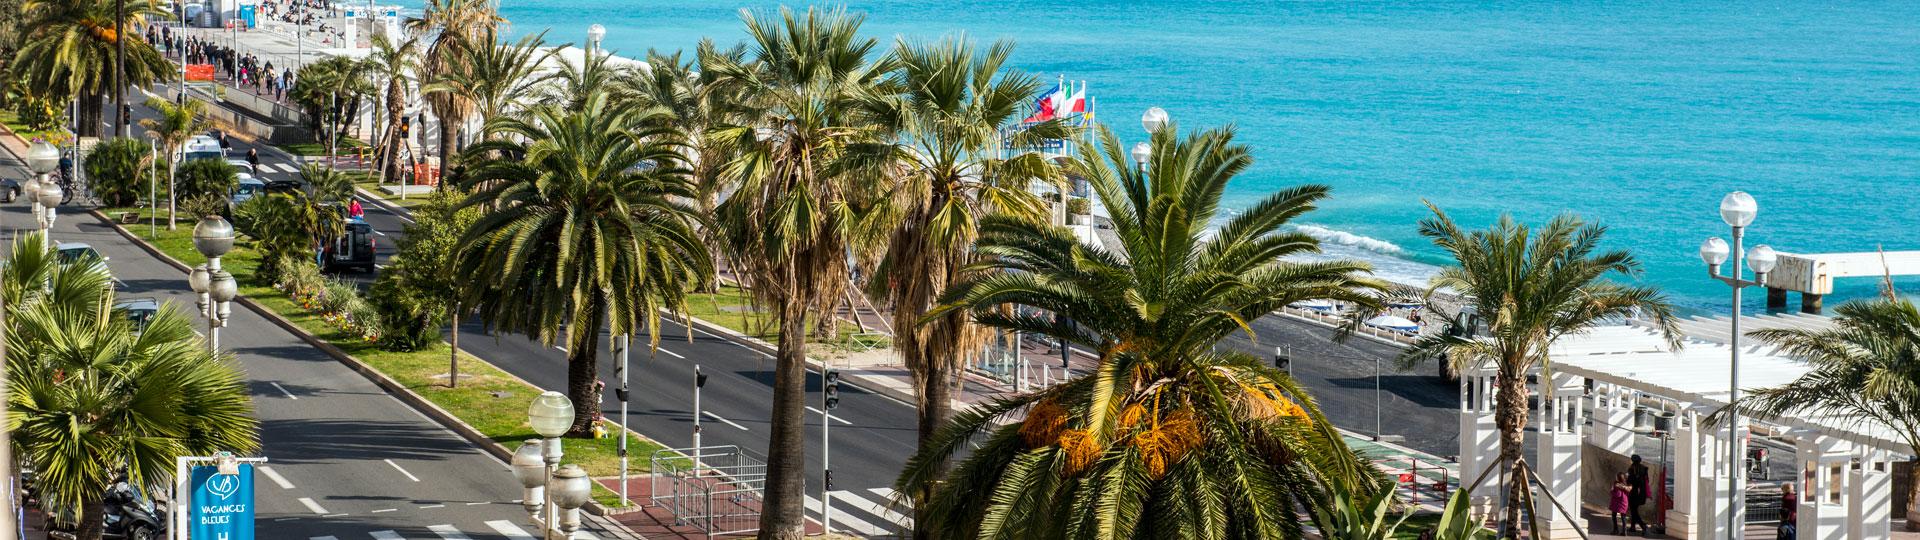 Hôtel Le Royal à Nice vue sur la mer